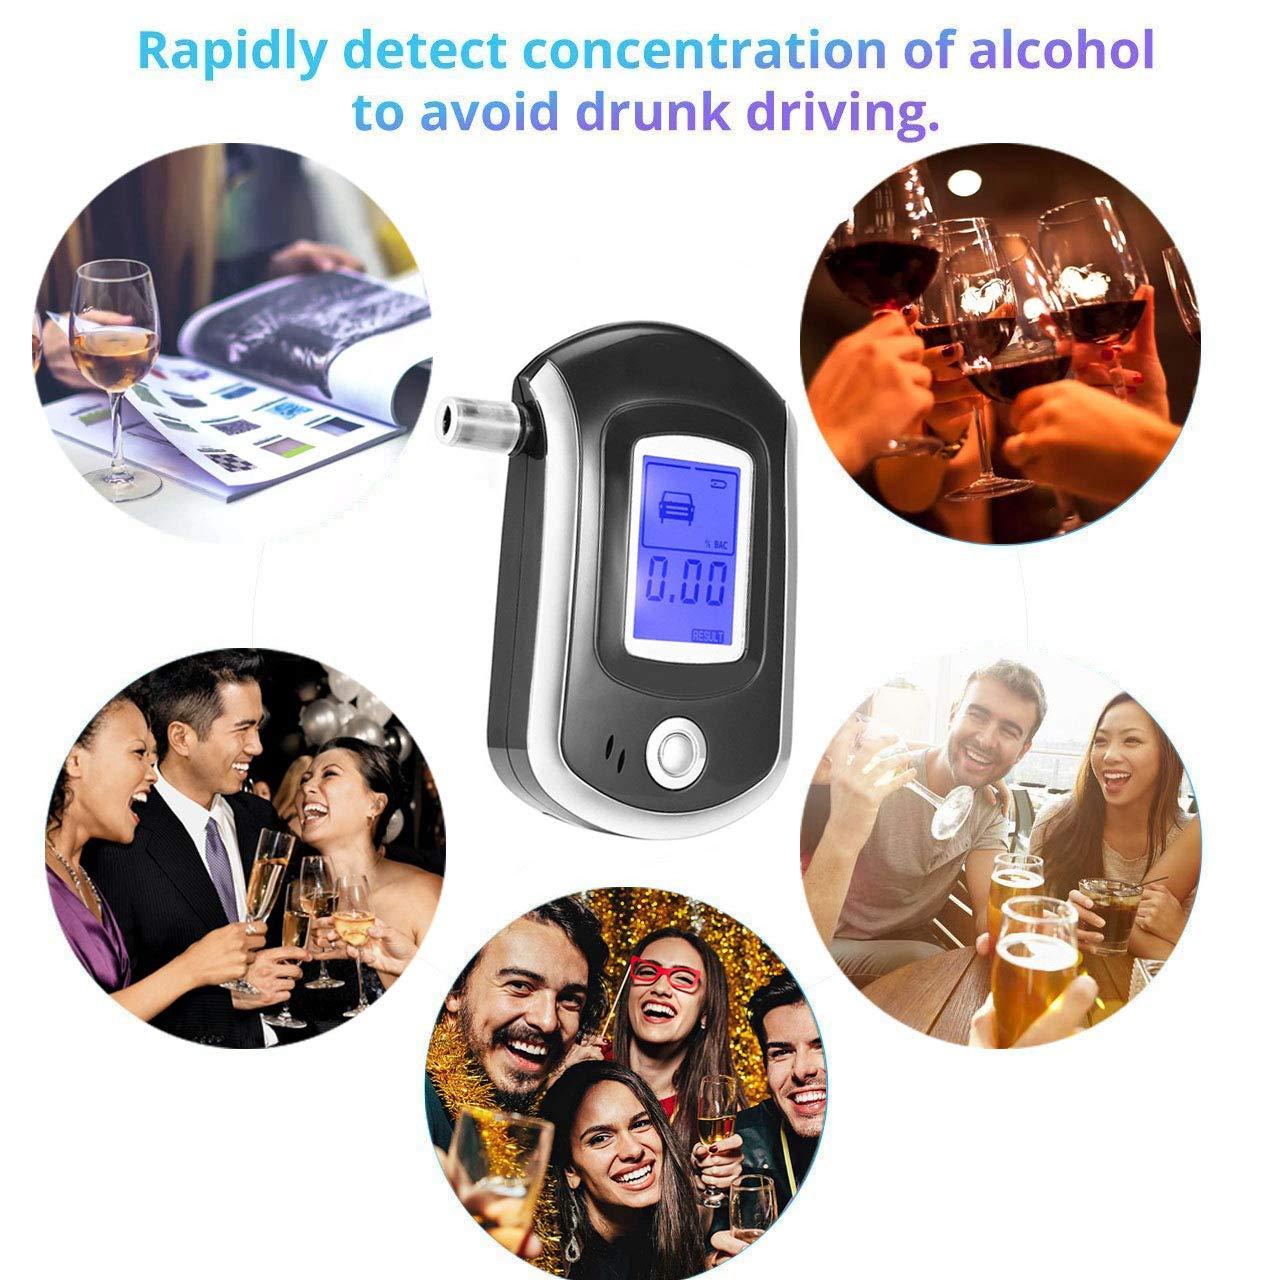 /Portable Digital Breath testeur dalcool avec Lot de 6/Embouts Buccaux; /écran LCD 3/Piles AAA LoiStu testeur dalcool/ Non incluses Fond Bleu Clair Besoin de Vous Lire la Nuit